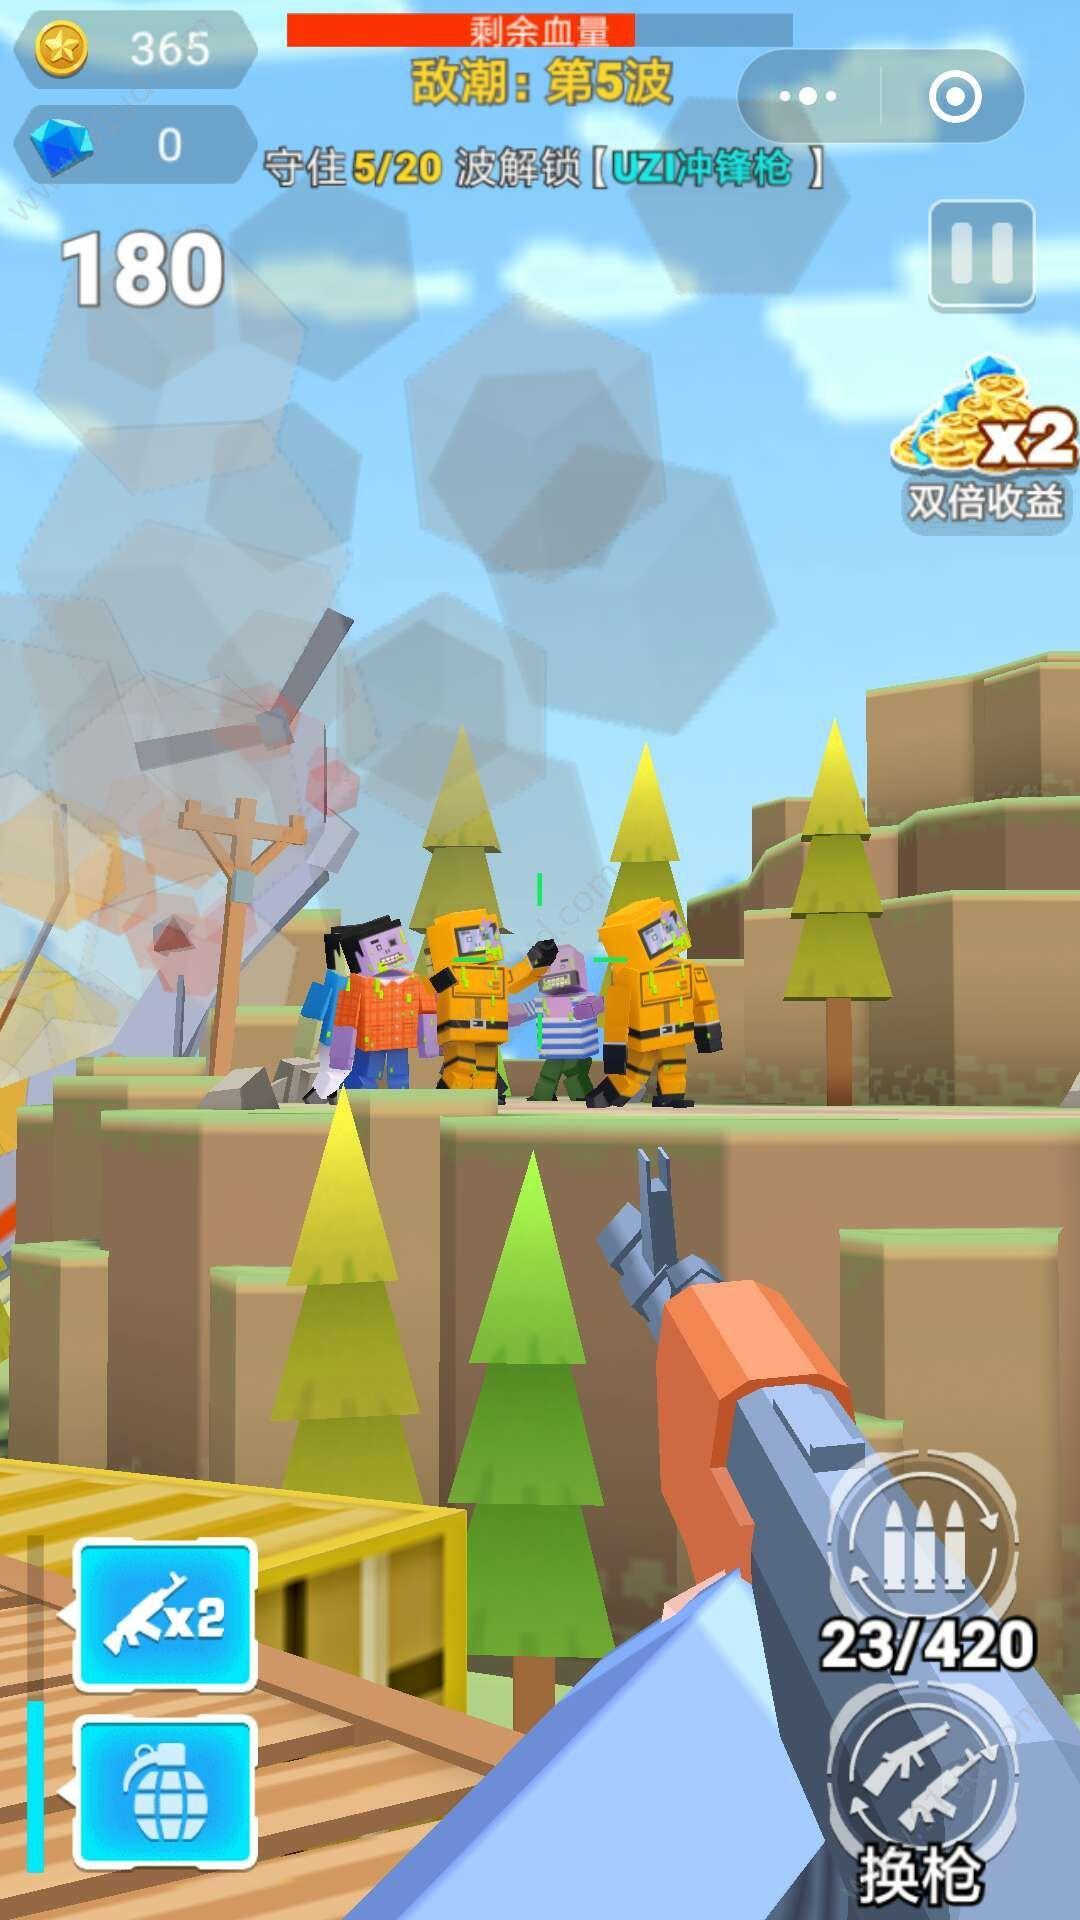 抖音枪枪吃鸡游戏官方网站下载正式版图片1